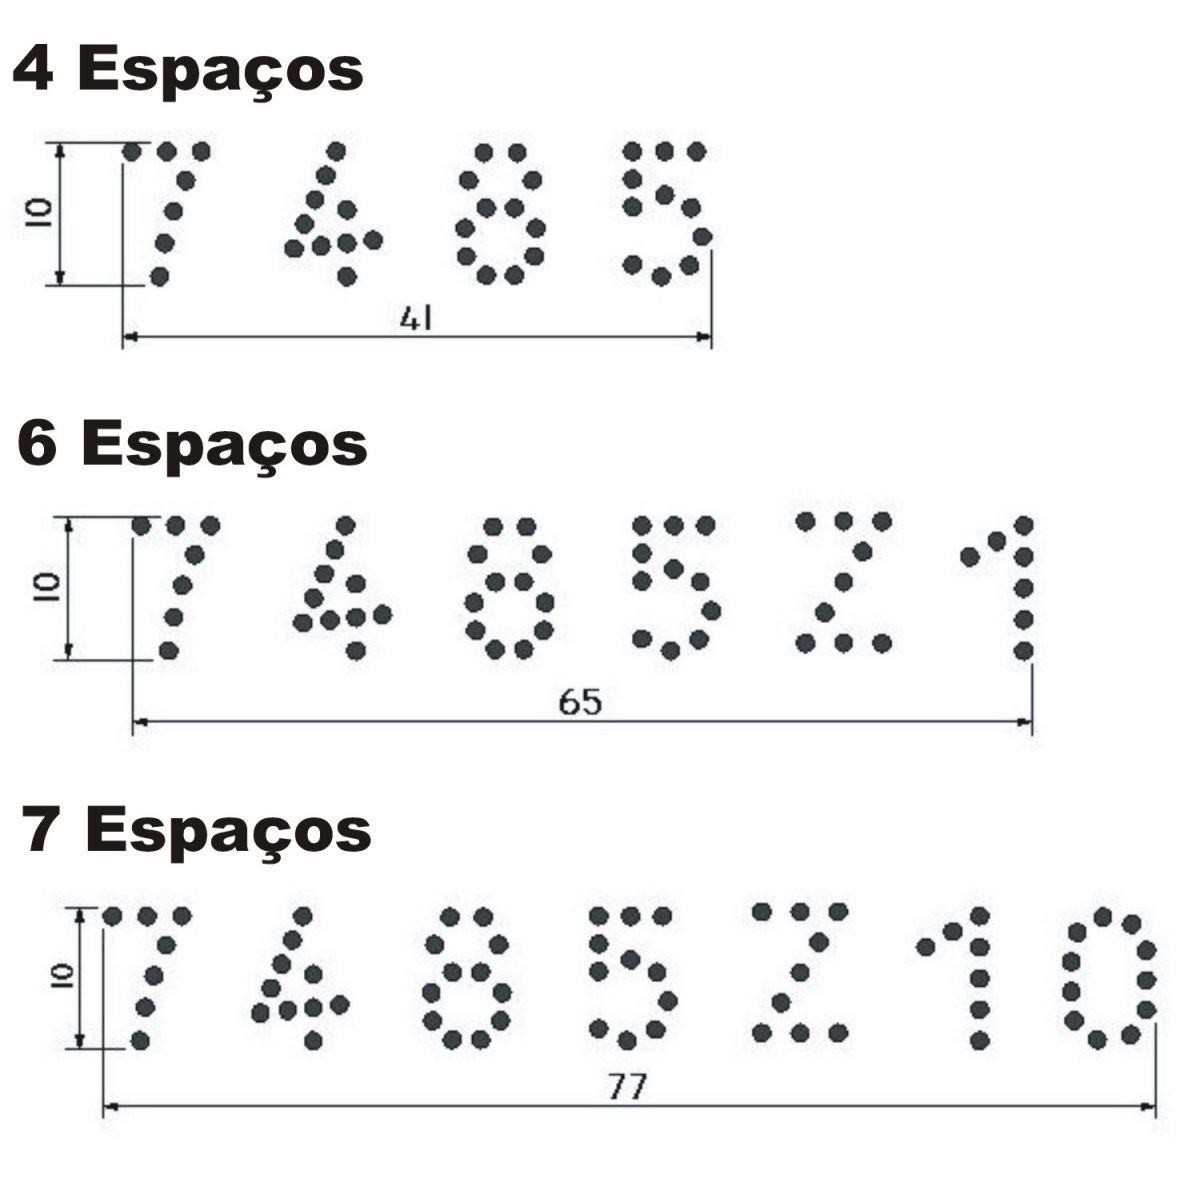 Tatuadeira Inox 4, 6, ou 7 Espaços - Cabo Curto - Eletro Polida - 10 mm - L10 x 17.5 sem números